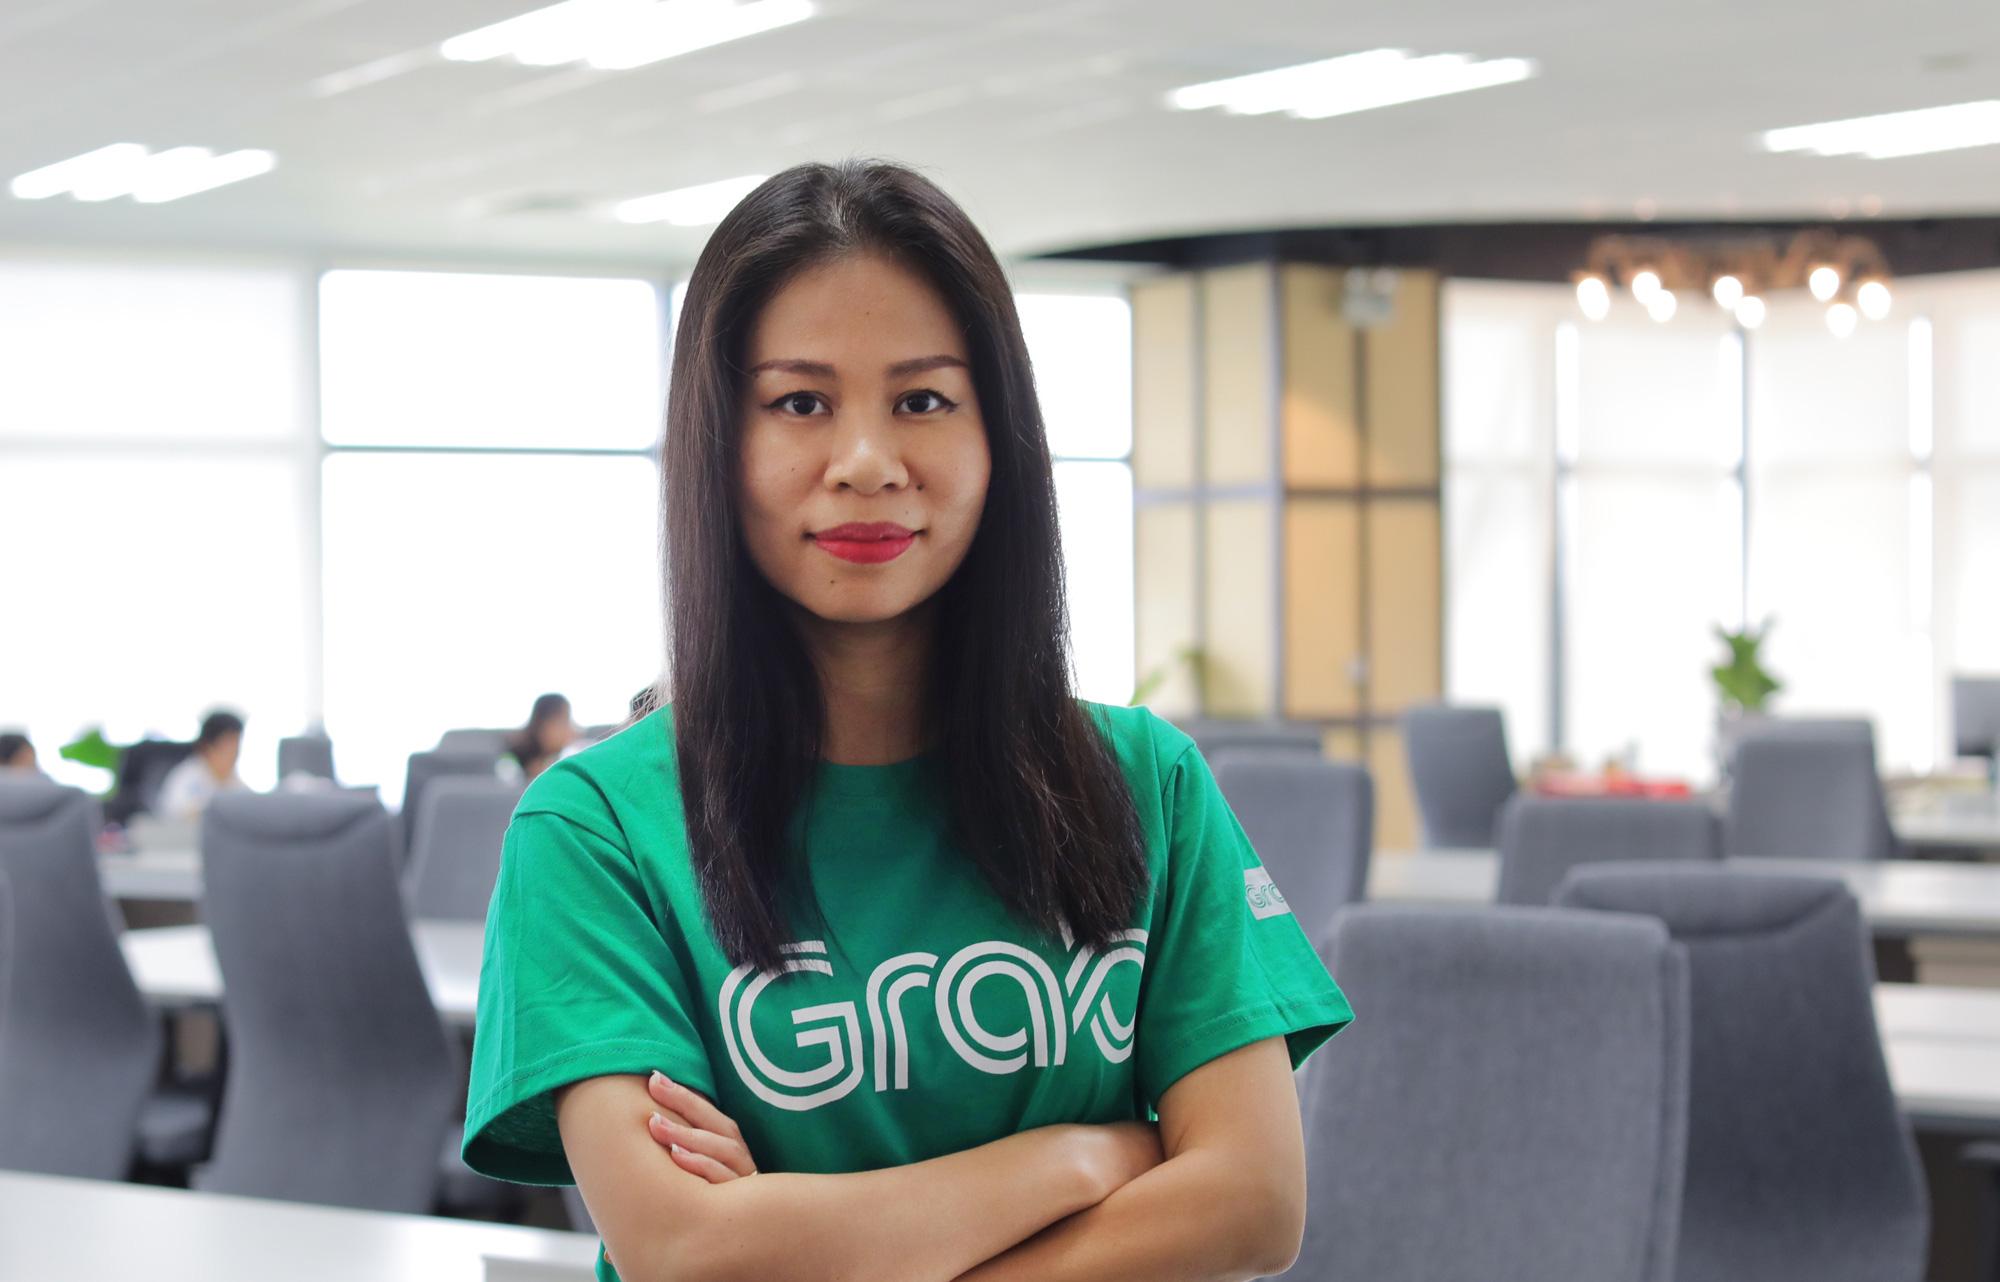 Grab Việt Nam bổ nhiệm một phụ nữ Việt làm giám đốc điều hành - Ảnh 1.